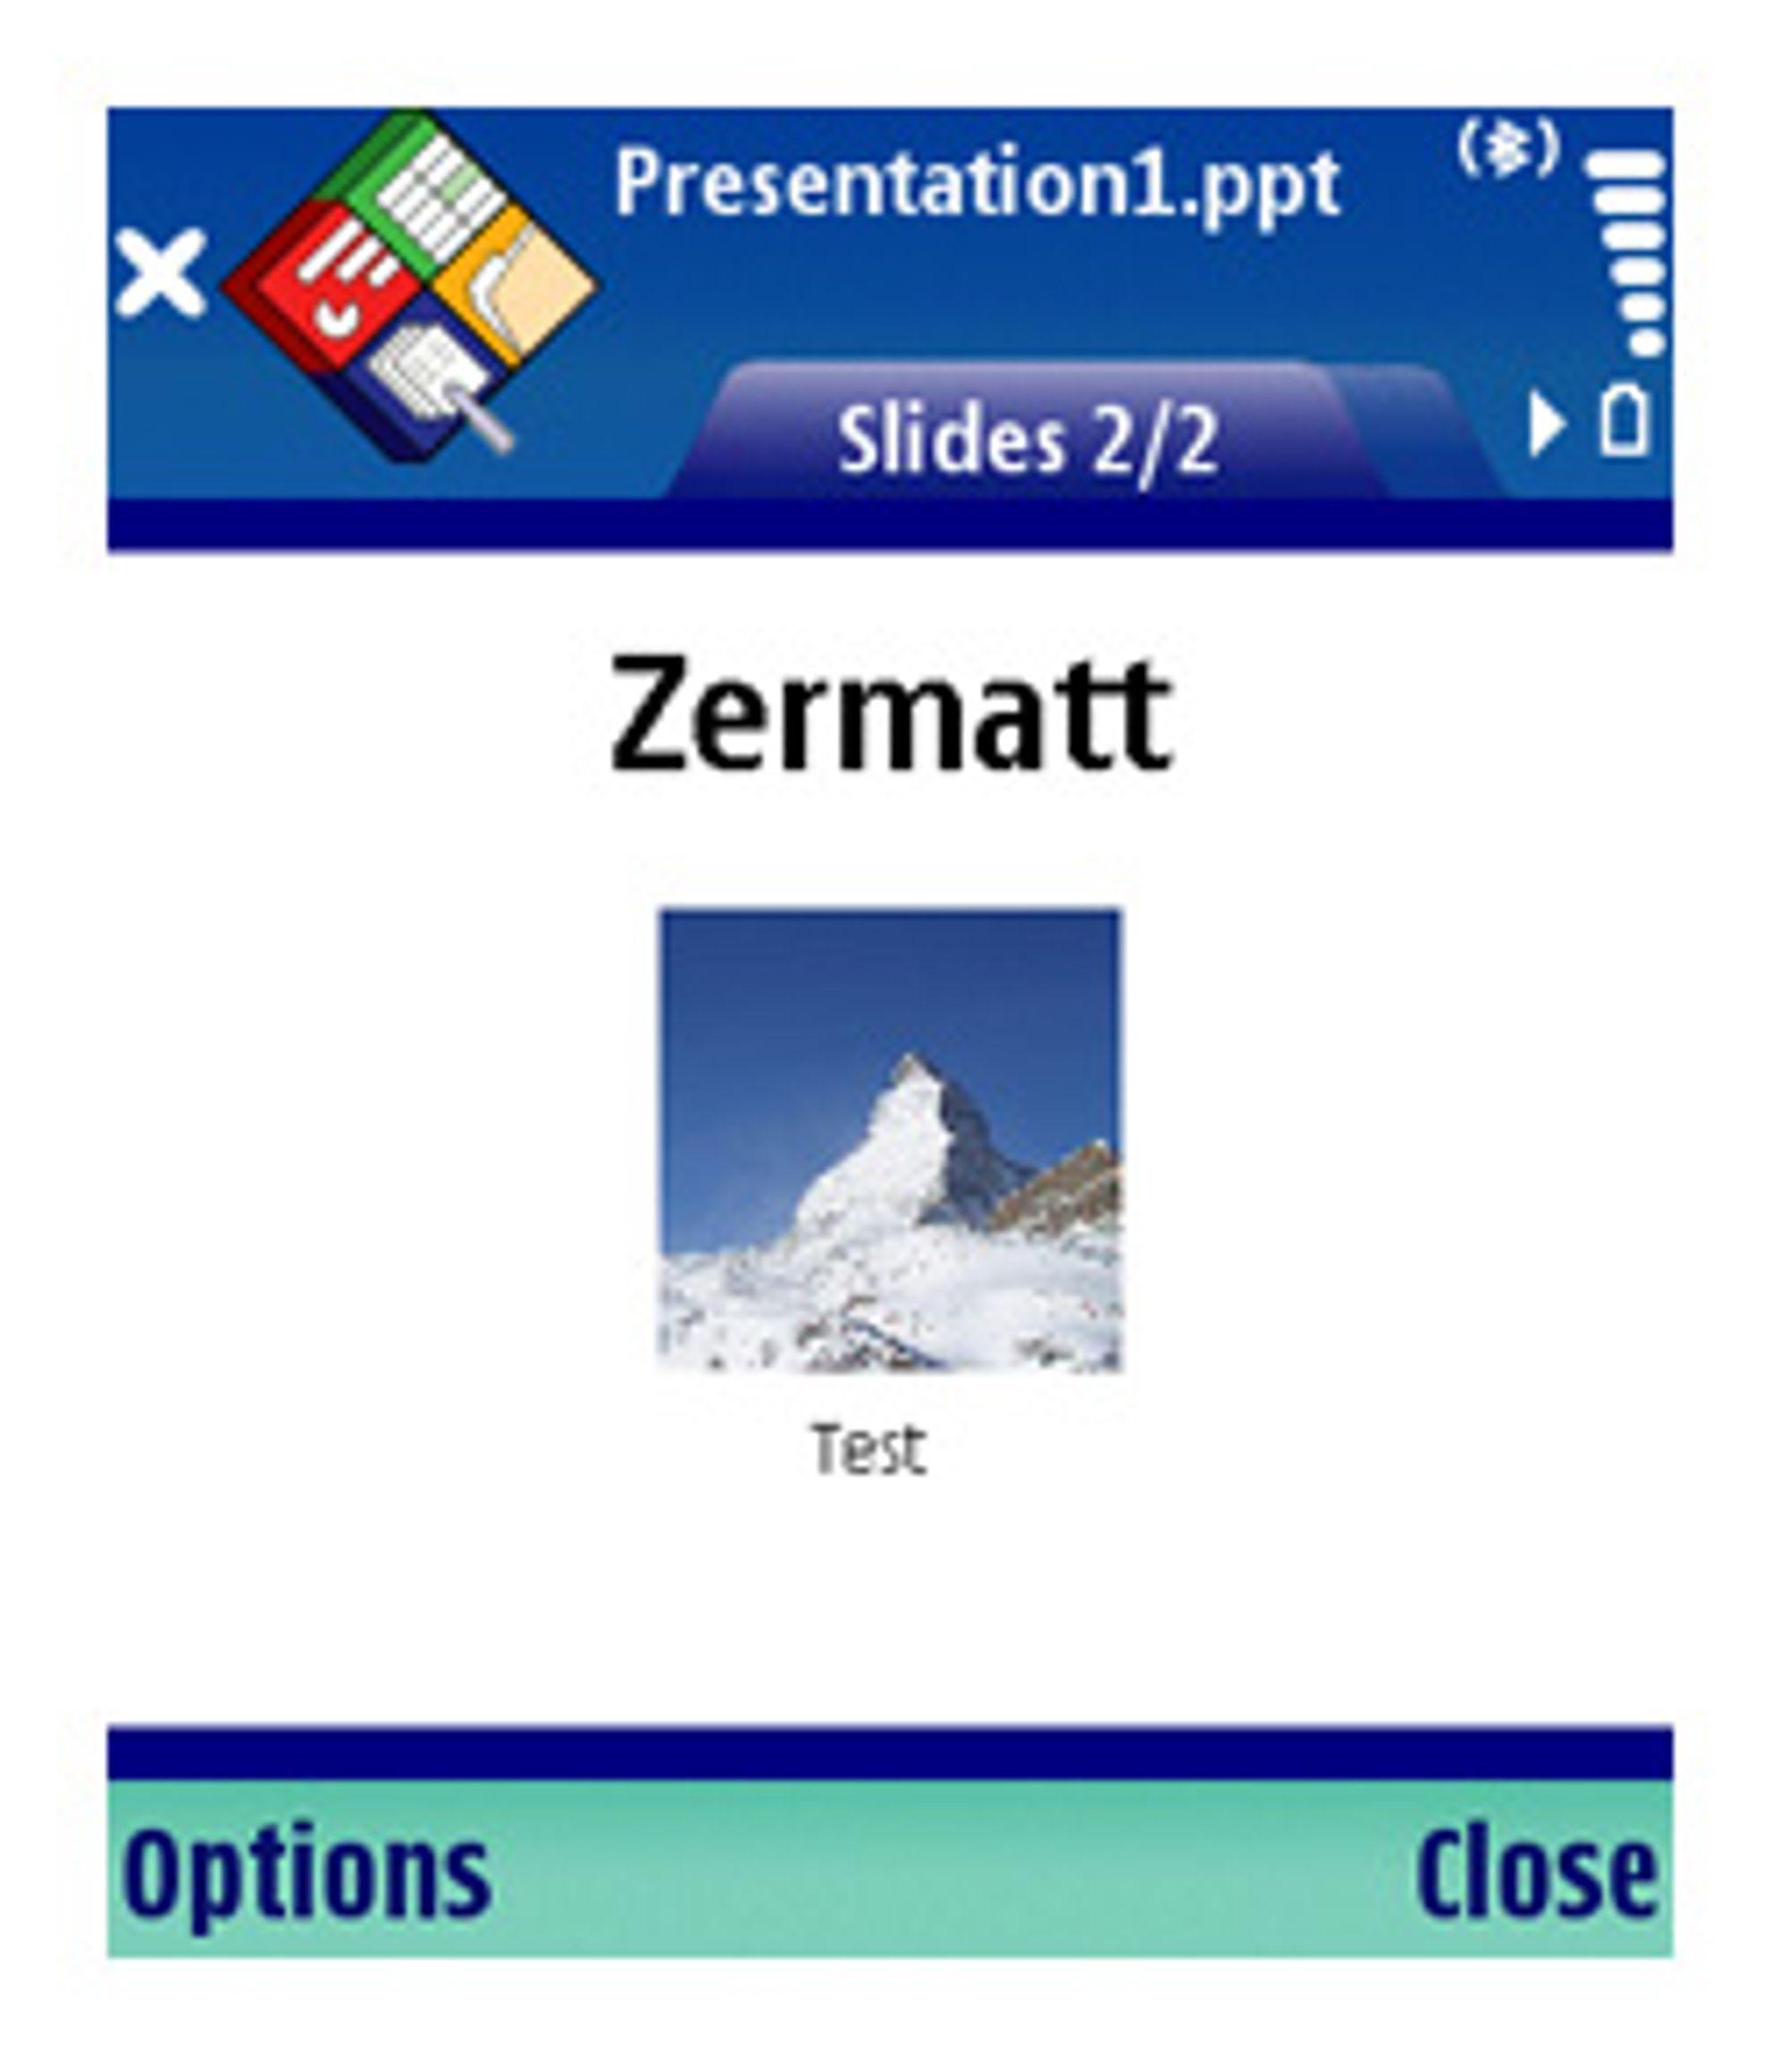 QuickPoint kan både vise og redigere bilder.